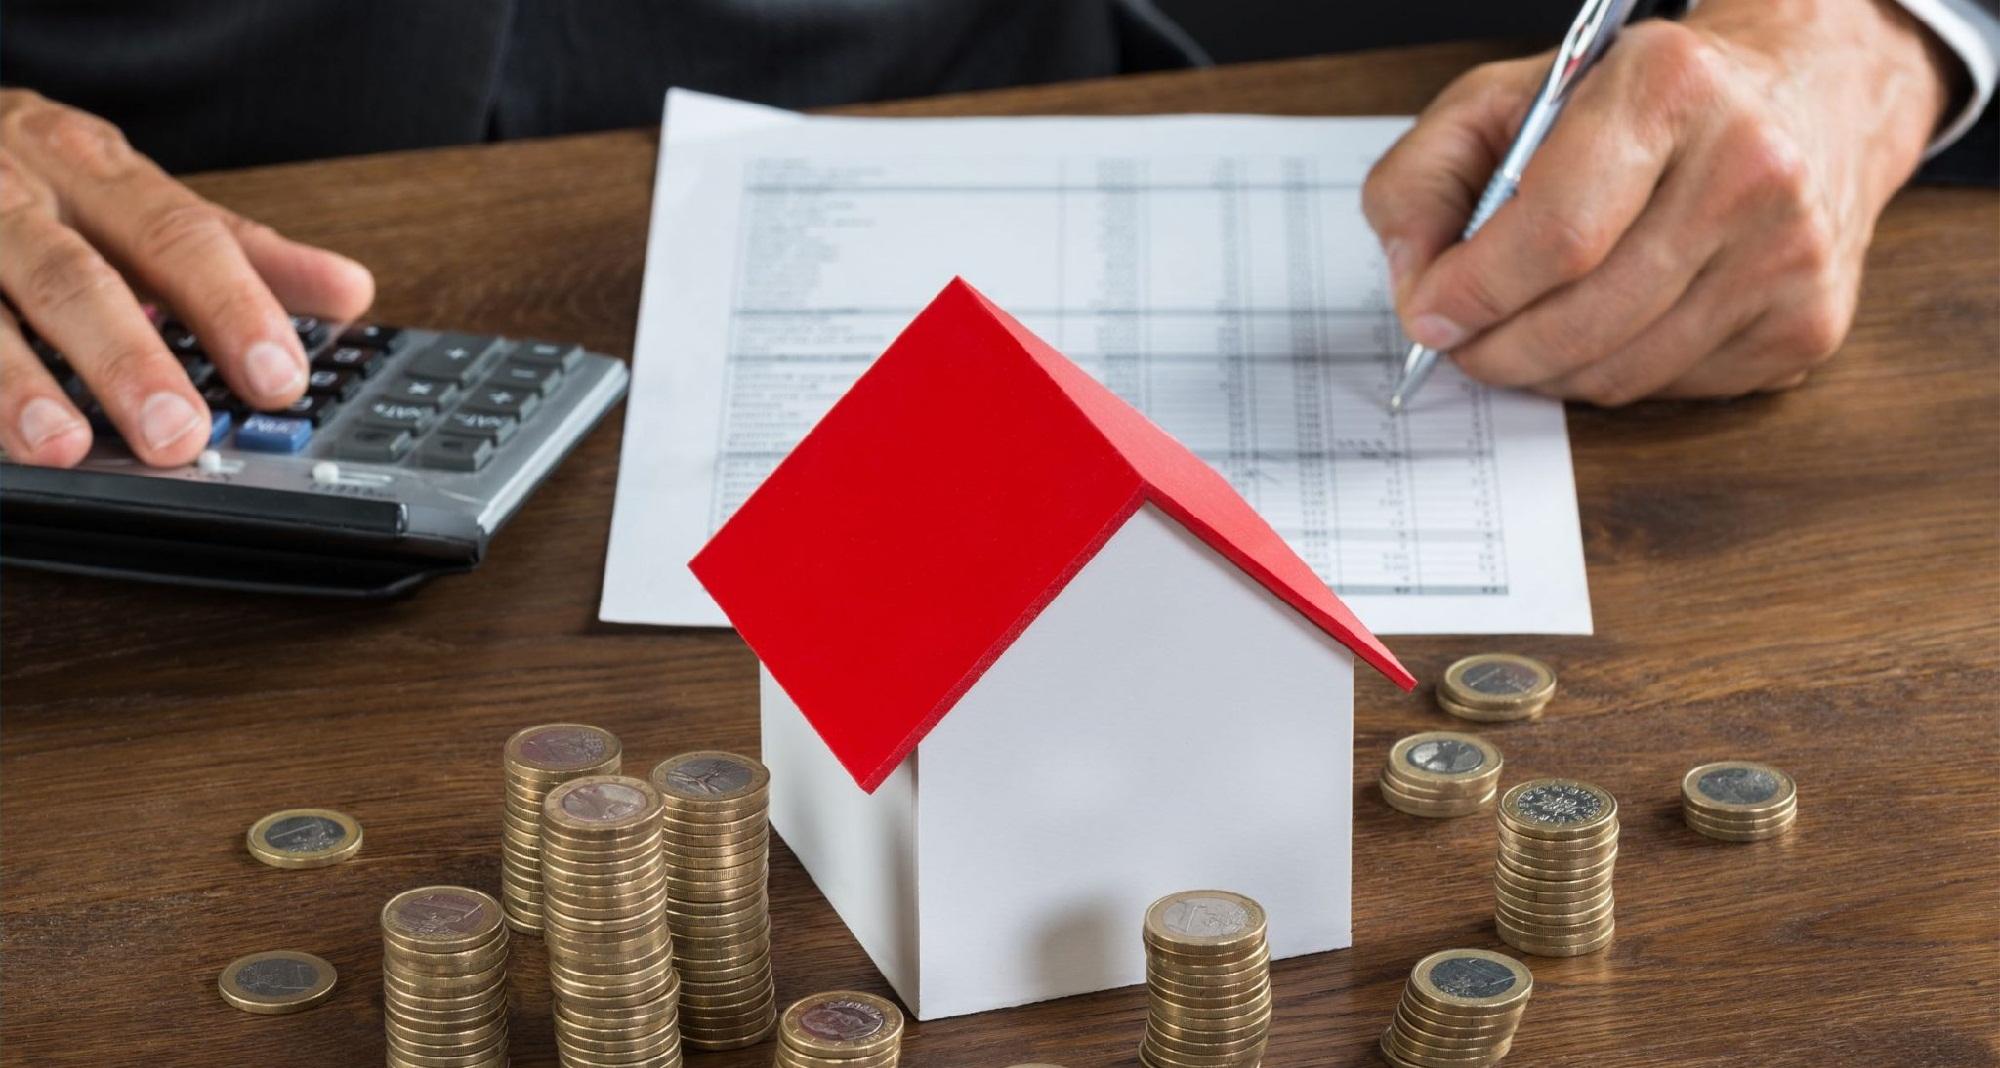 """Lời tư vấn """"đắt giá"""" từ nhân viên ngân hàng: Đừng vội """"xuống tiền"""" mua nhà dự án nếu chưa nắm rõ 3 yếu tố quan trọng sau  - Ảnh 4."""